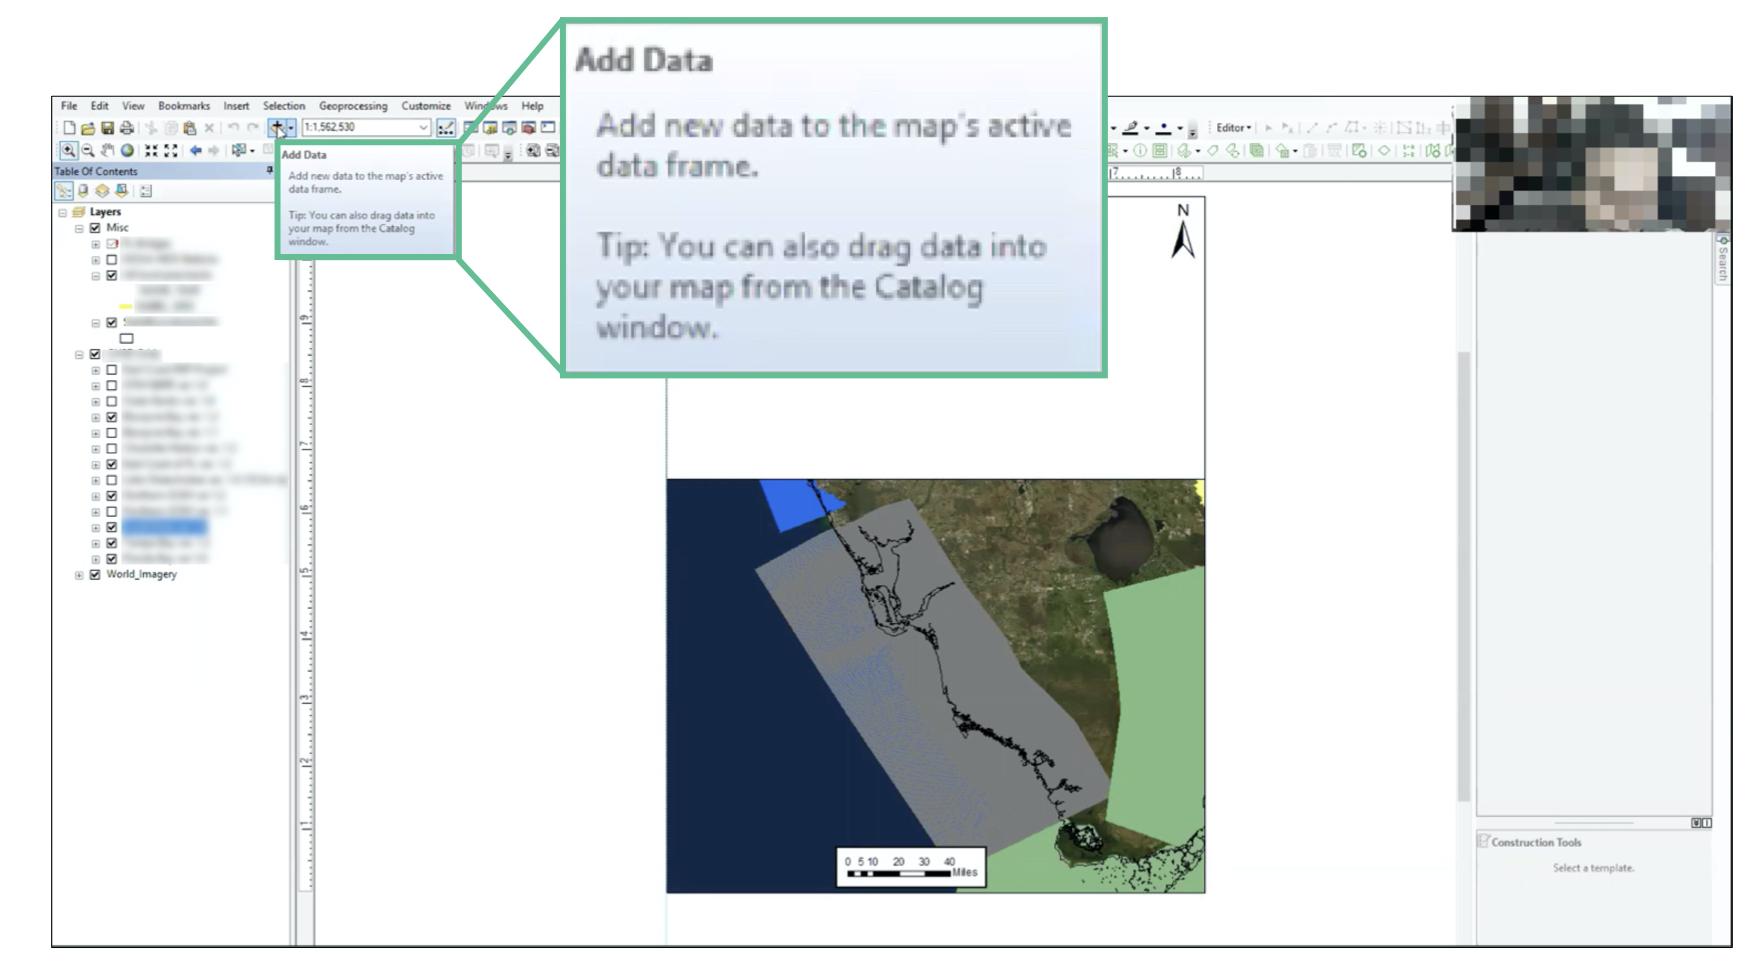 снимок экрана настольного приложения со всплывающей подсказкой: Добавить данные.  Добавьте новые данные в активный фрейм данных карты.  Совет: Вы также можете перетащить данные на карту из окна Каталога.